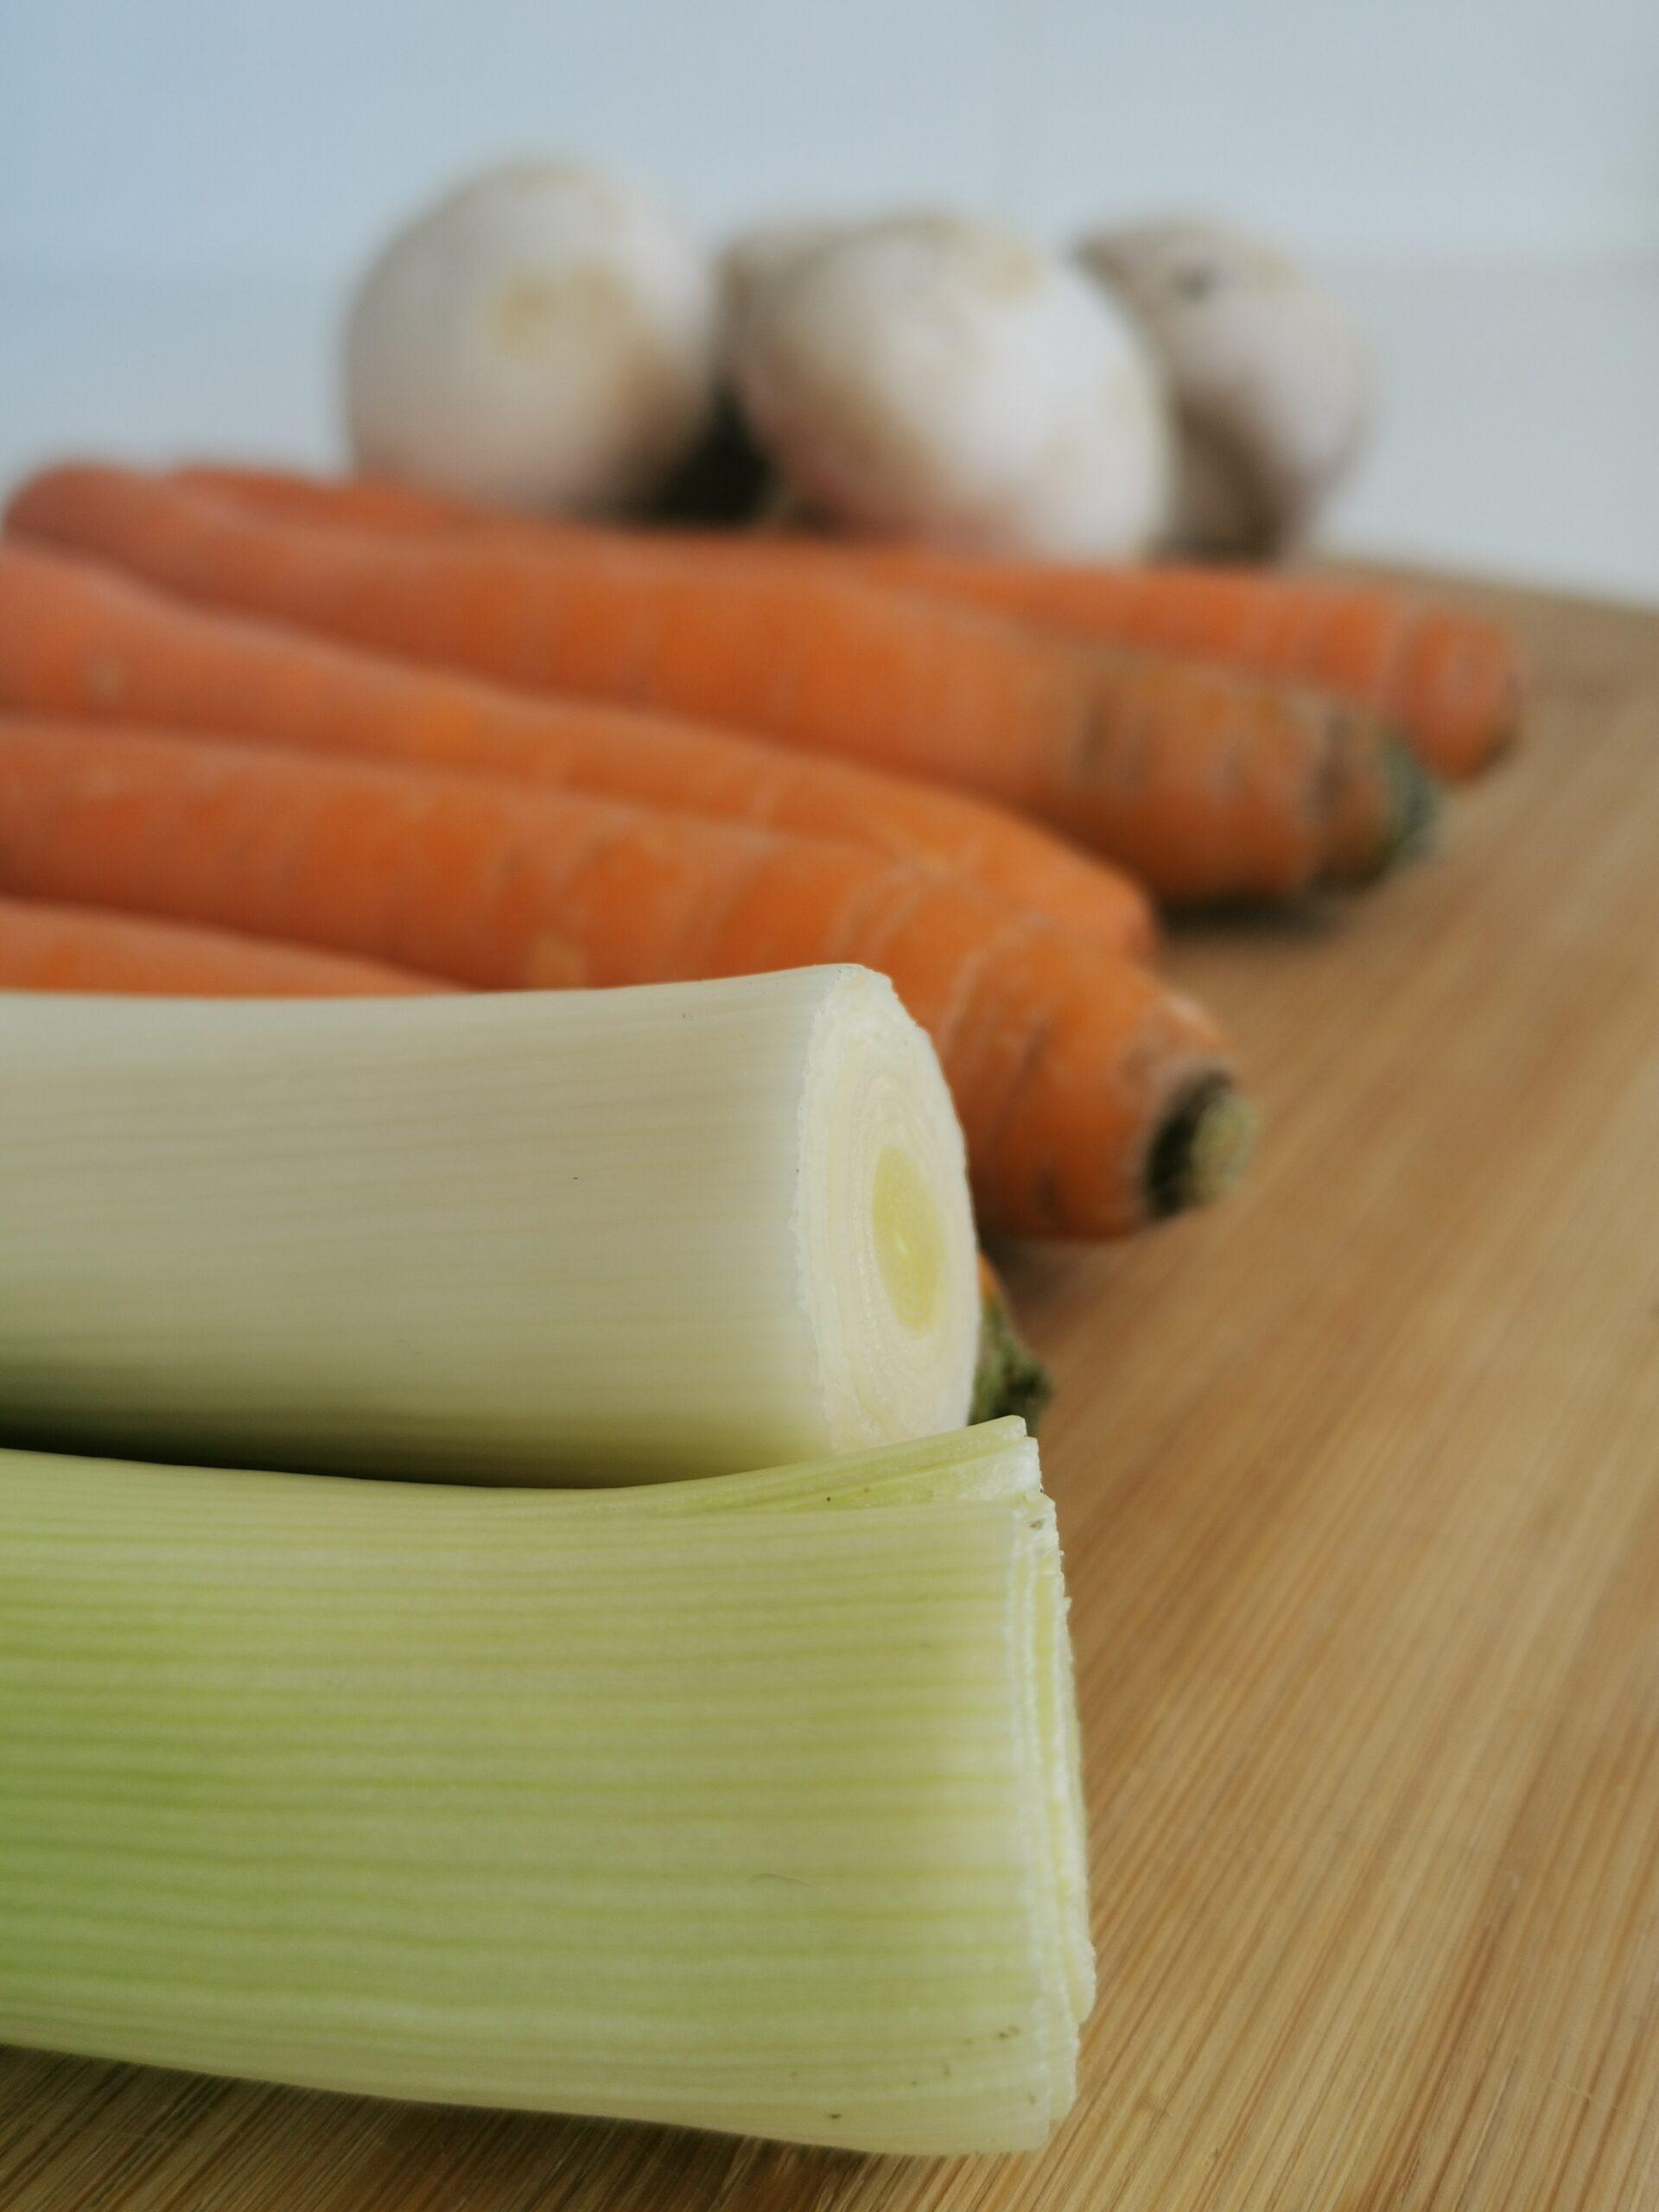 gros plan sur des légumes : poireaux, carottes et champignons en arrière plan